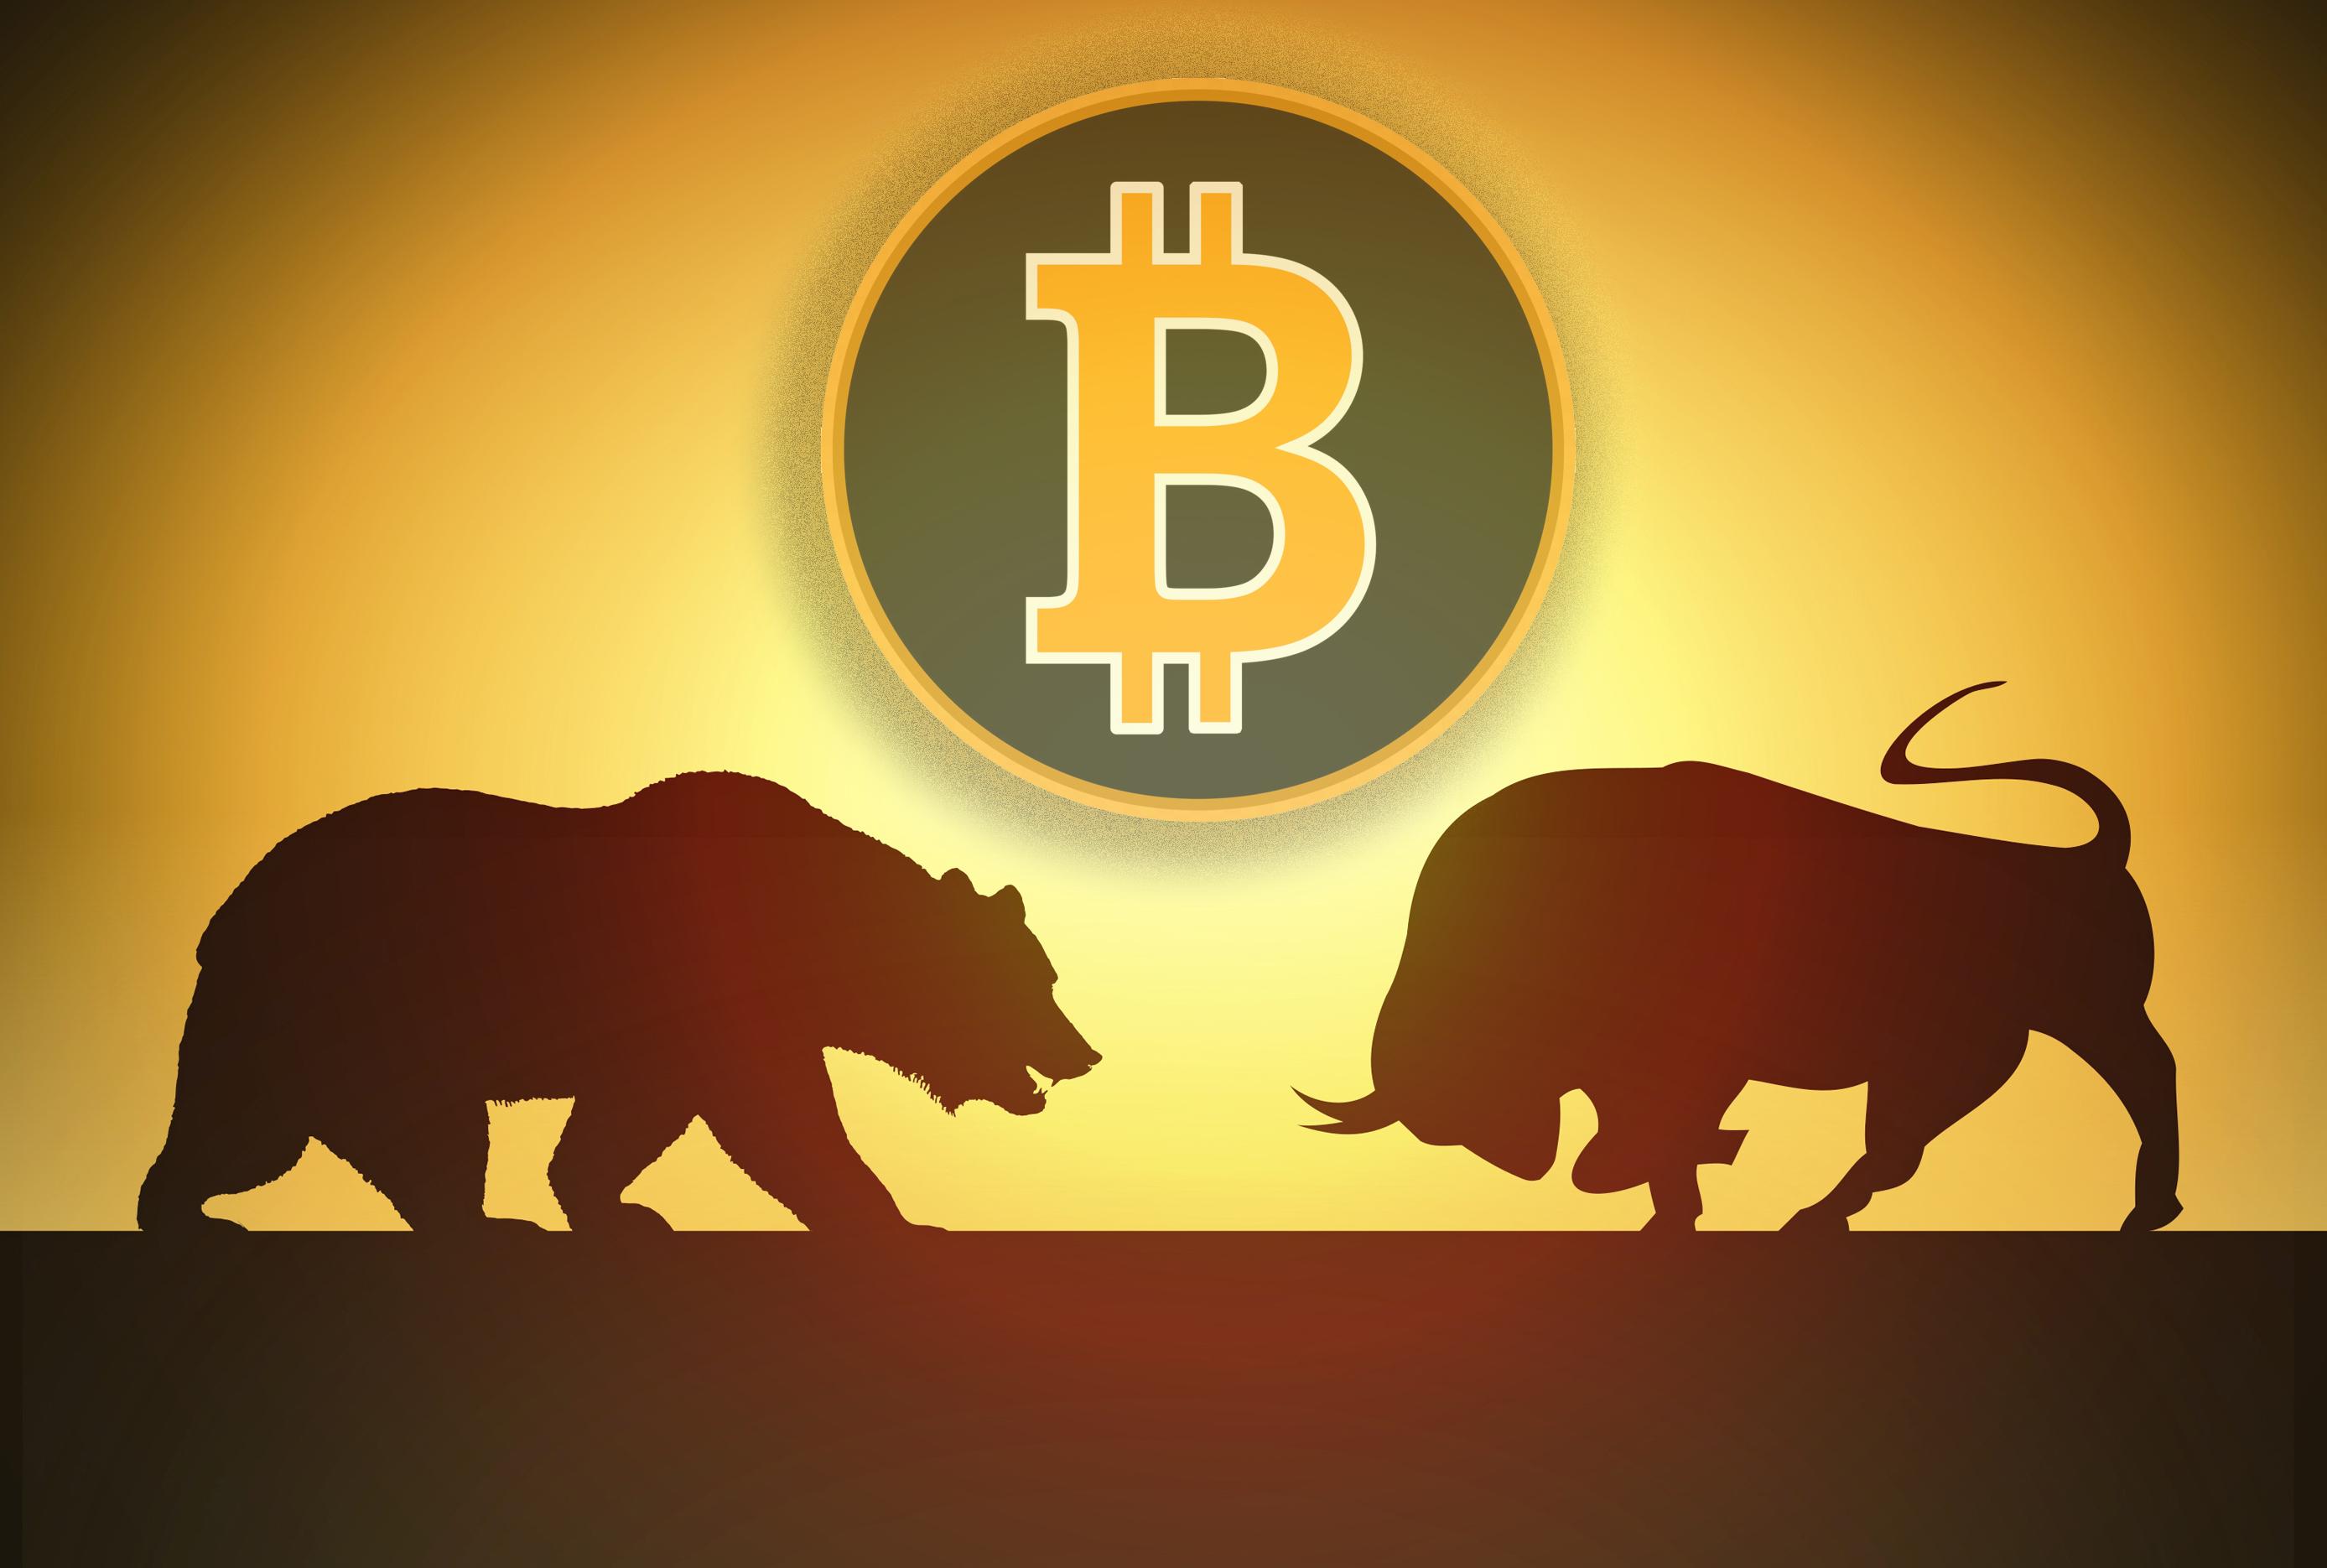 Bitcoin BTC Boğaları ve Ayıları 9.000 Dolar Seviyesinde Yüzleşiyor